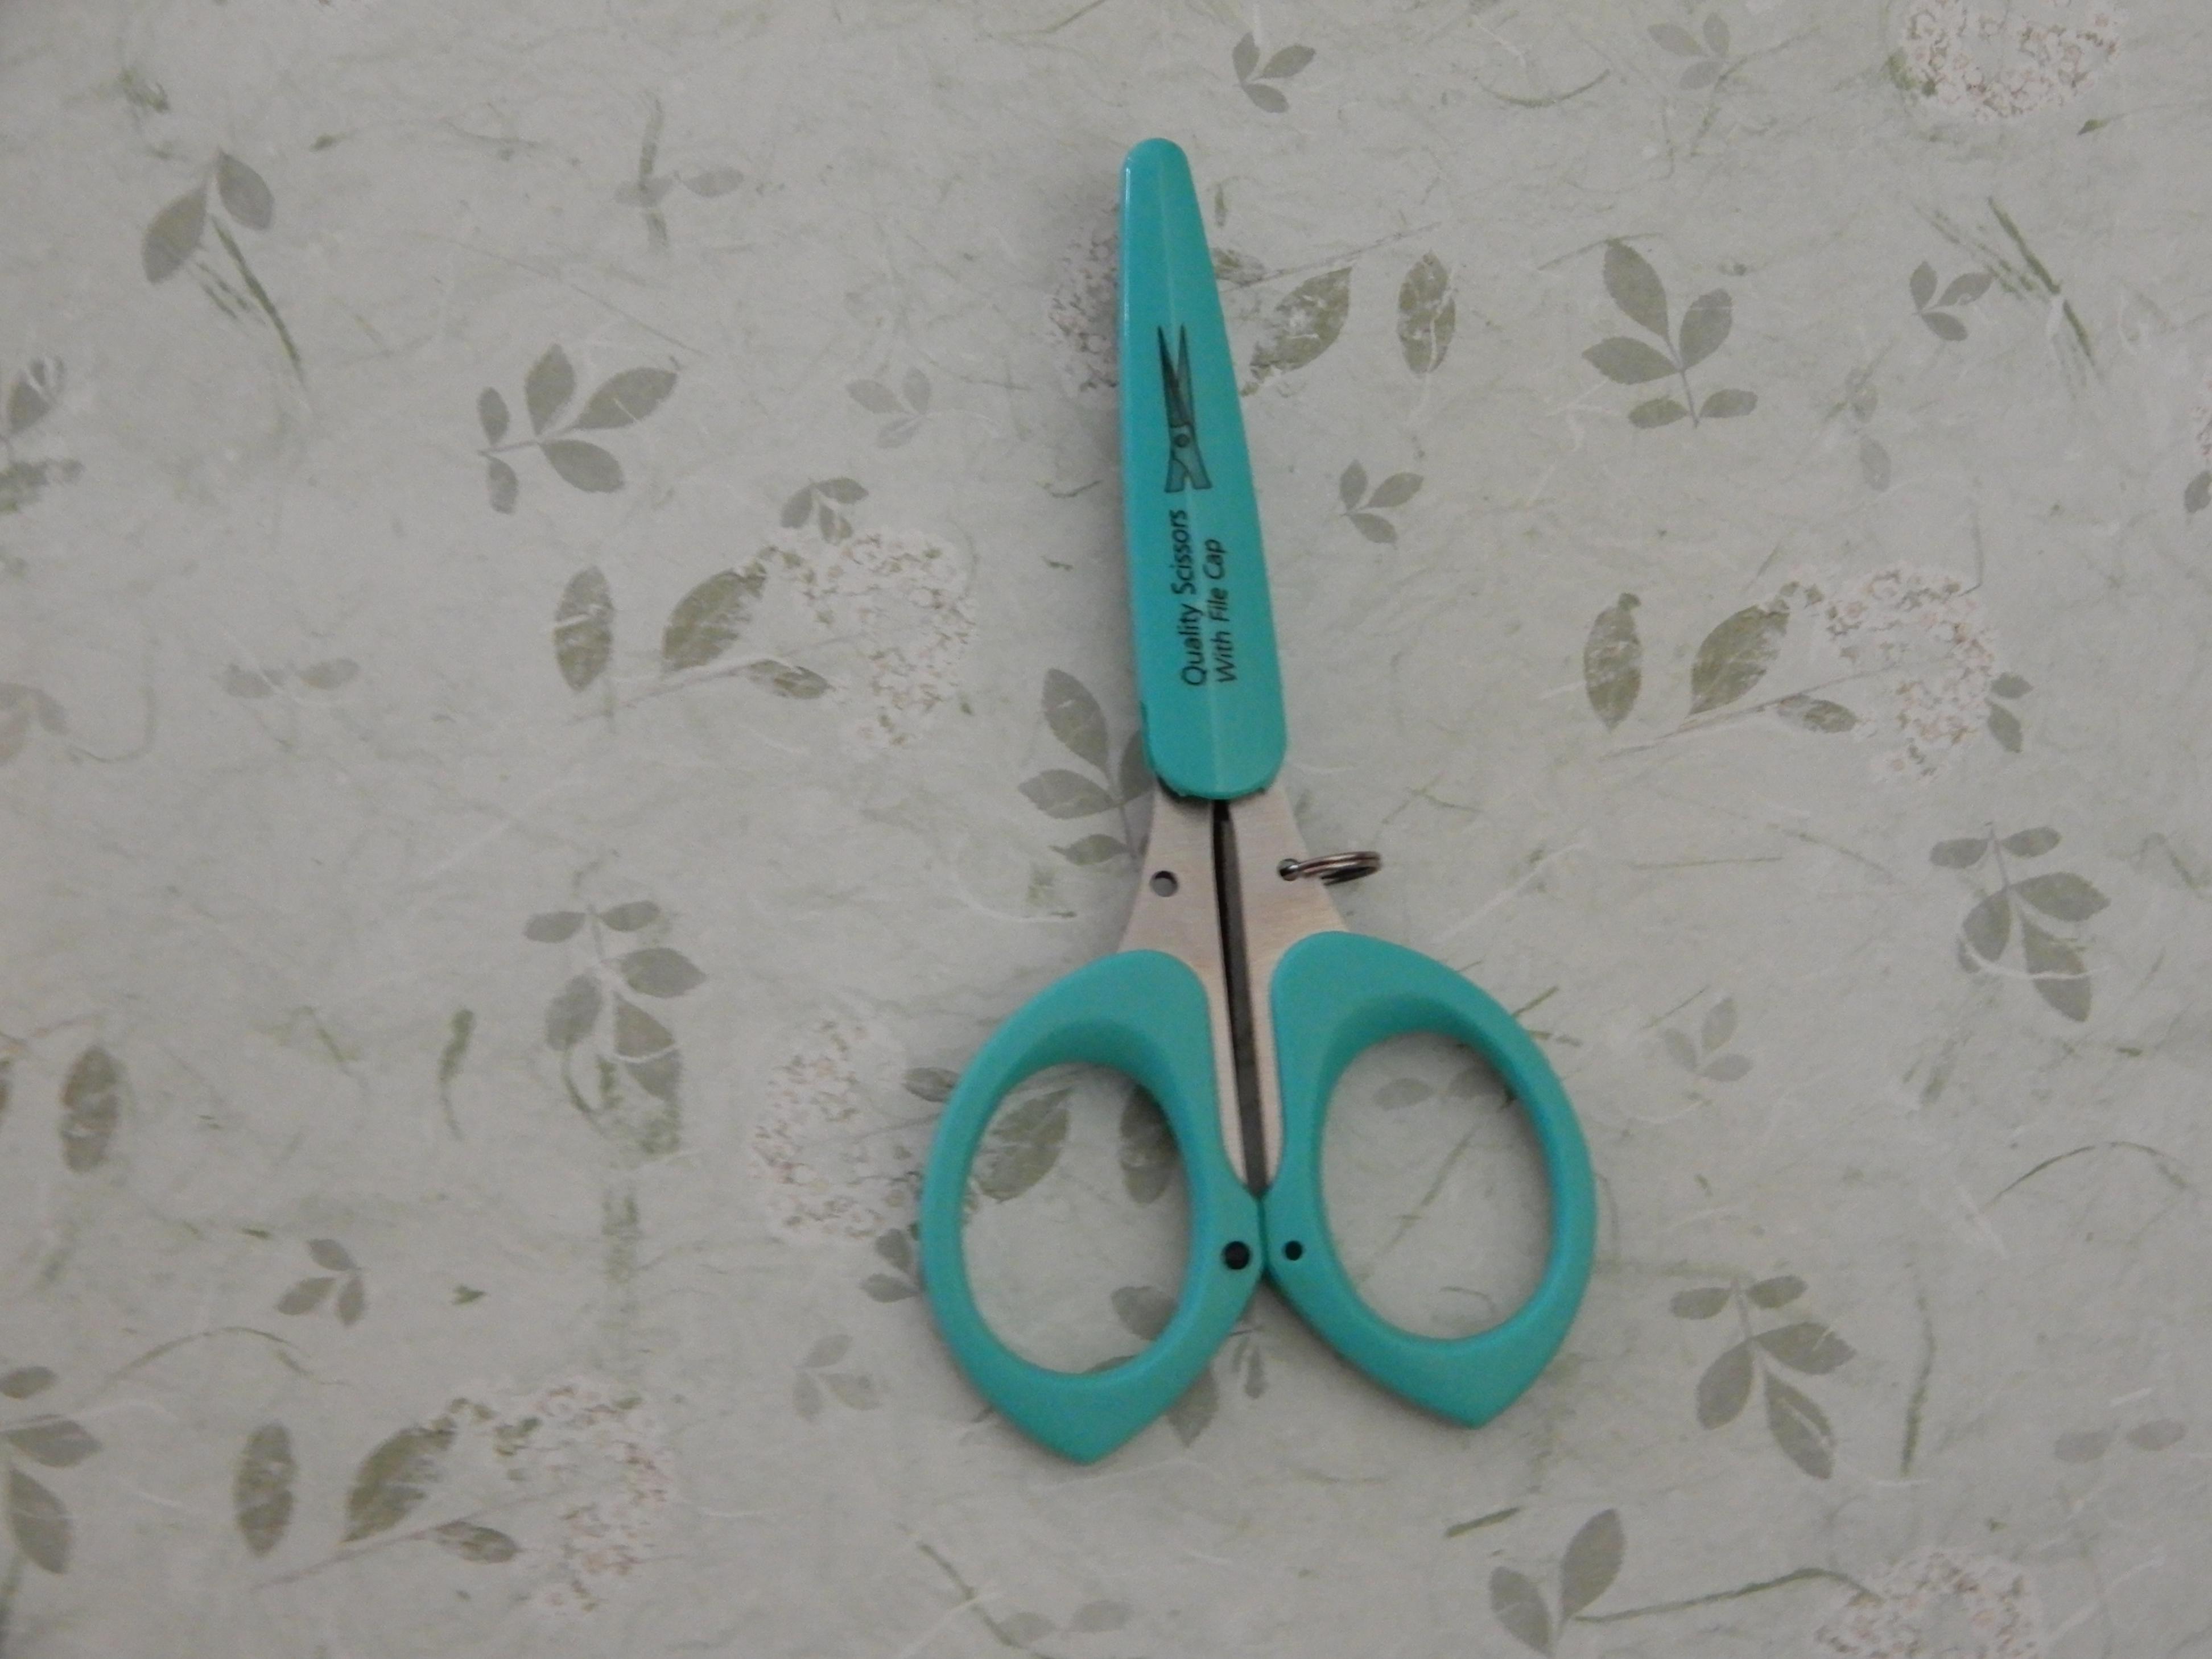 Blue Scissors With File Cap